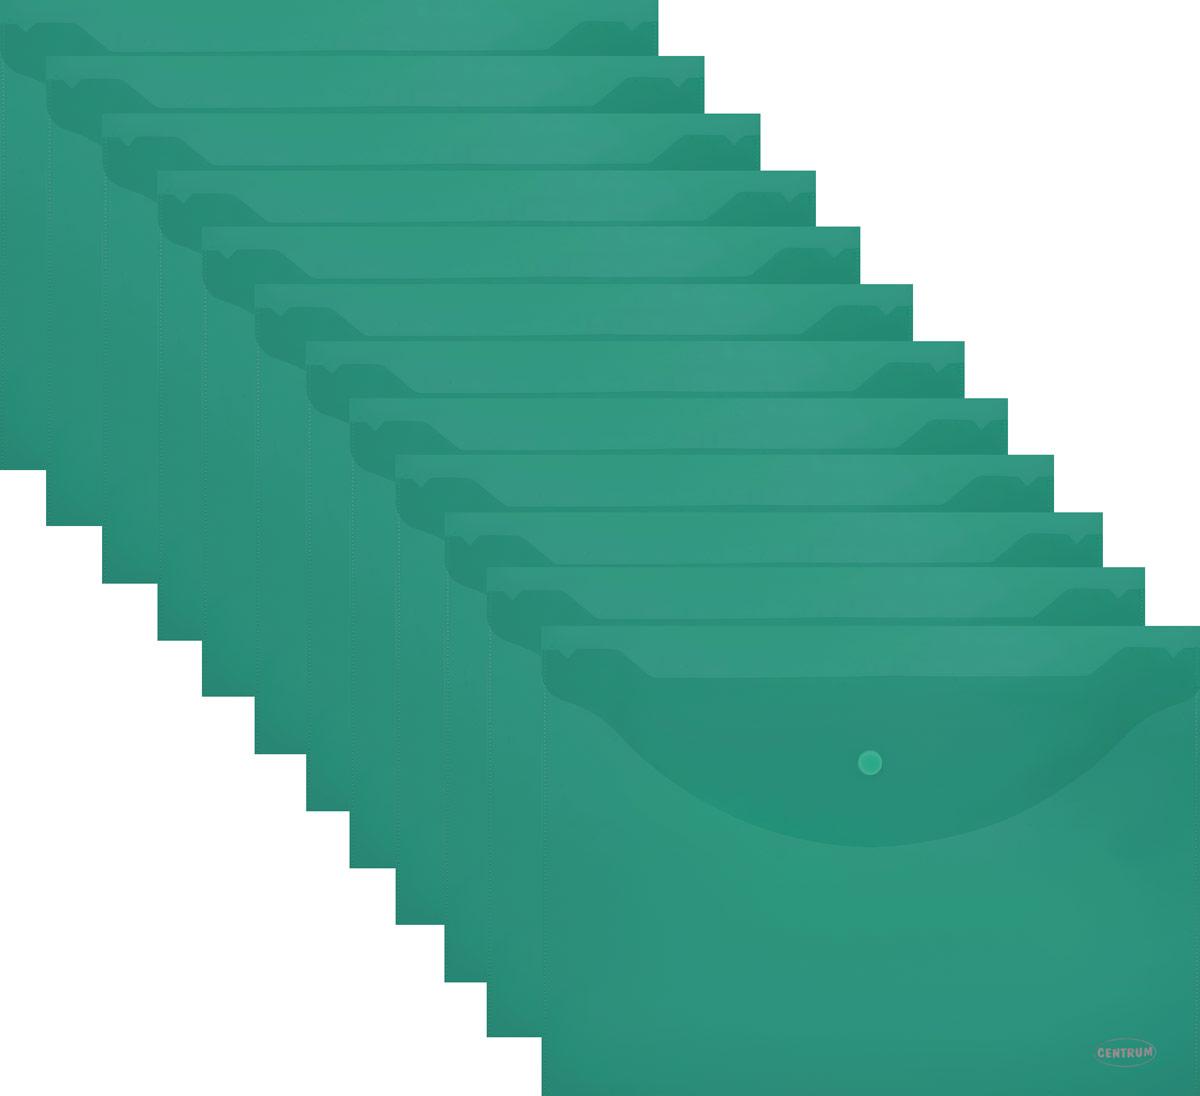 Centrum Папка-конверт на кнопке цвет зеленый Формат А4, 12 шт80024_зеленыйCentrum Папка-конверт на кнопке выполнена из полупрозрачного полипропилена. Имеет формат А4, горизонтальную застежку-кнопку.